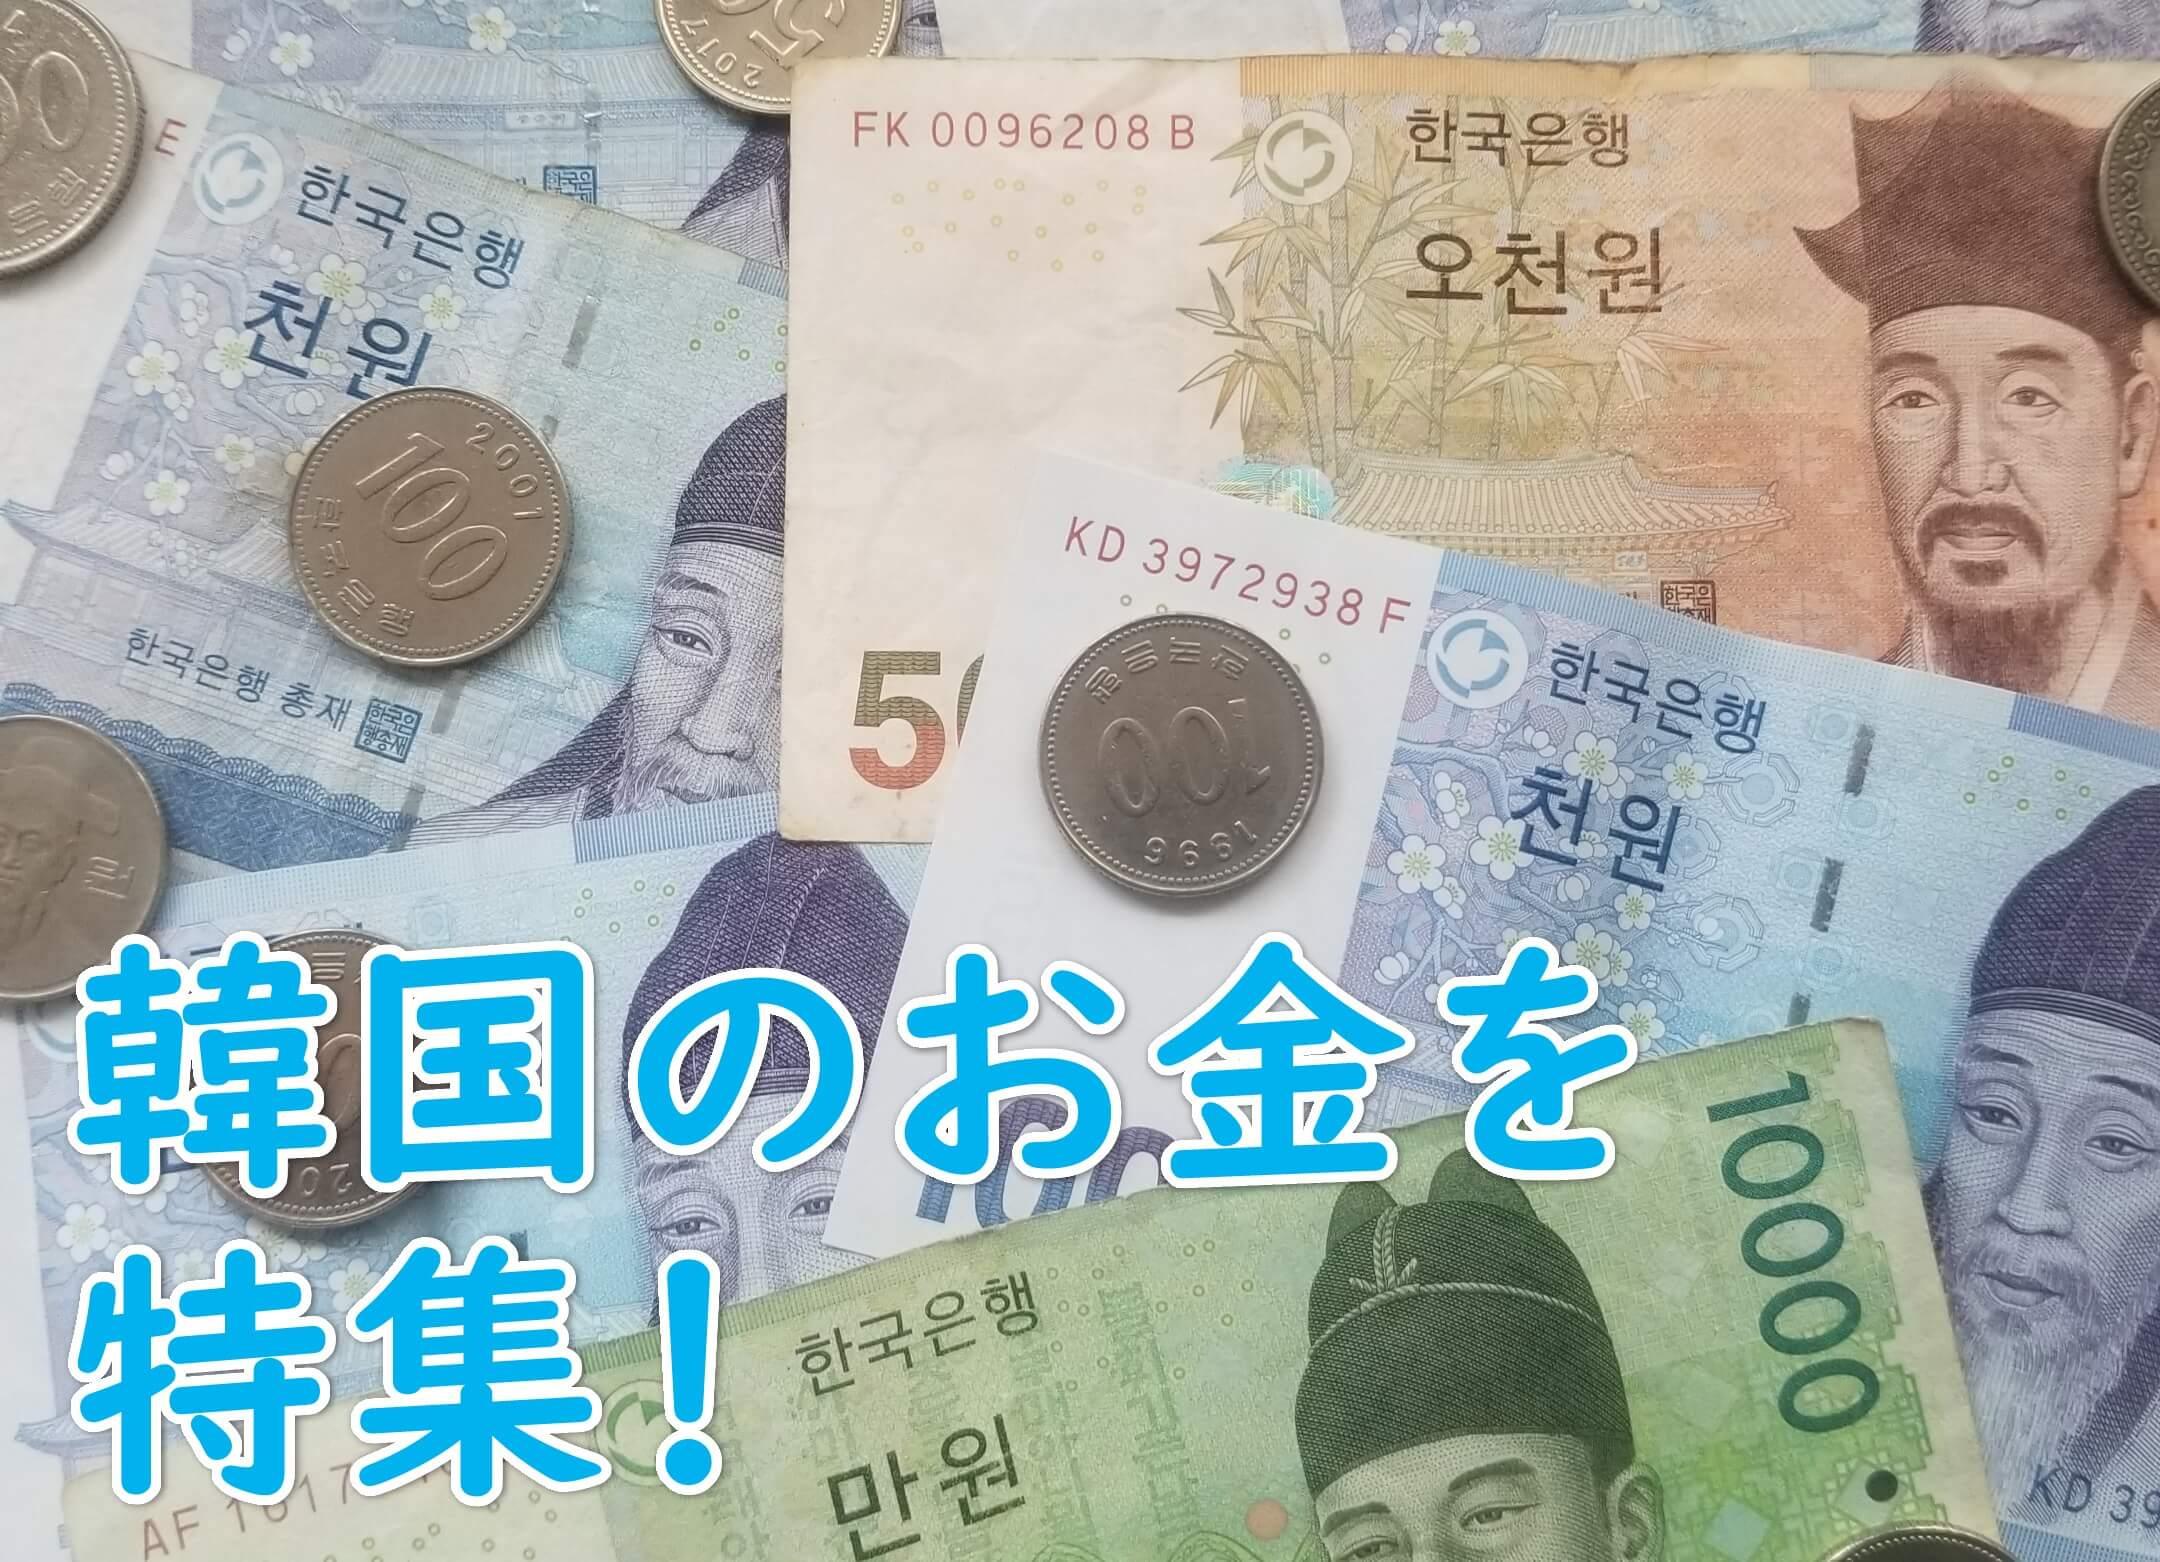 円 日本 万 いくら 100 で は ウォン